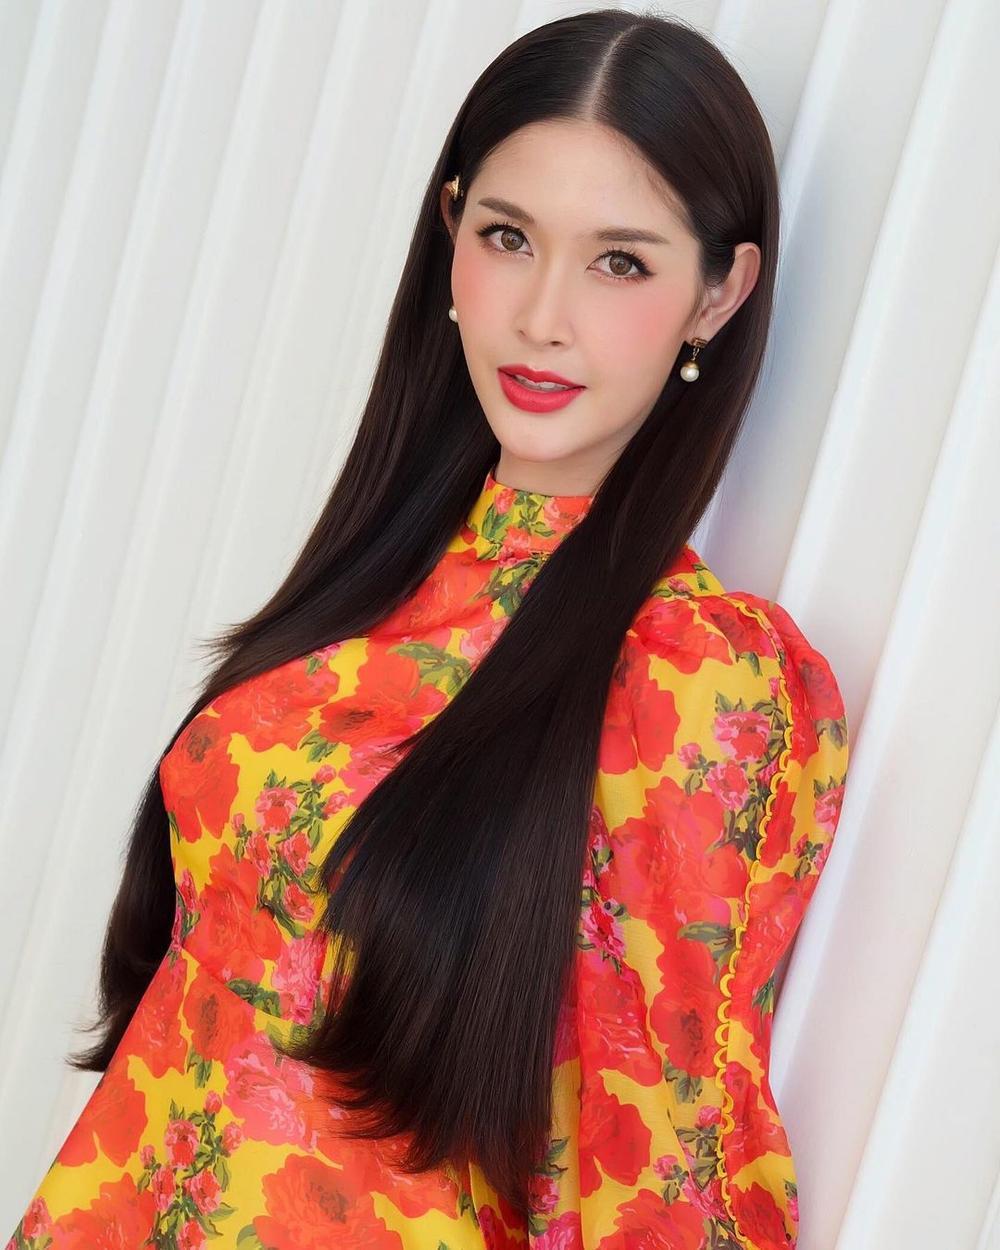 12 thí sinh đầu tiên dự thi Miss International Queen 2021: Trân Đài 'kèn cựa' mỹ nhân Thái Lan Ảnh 14